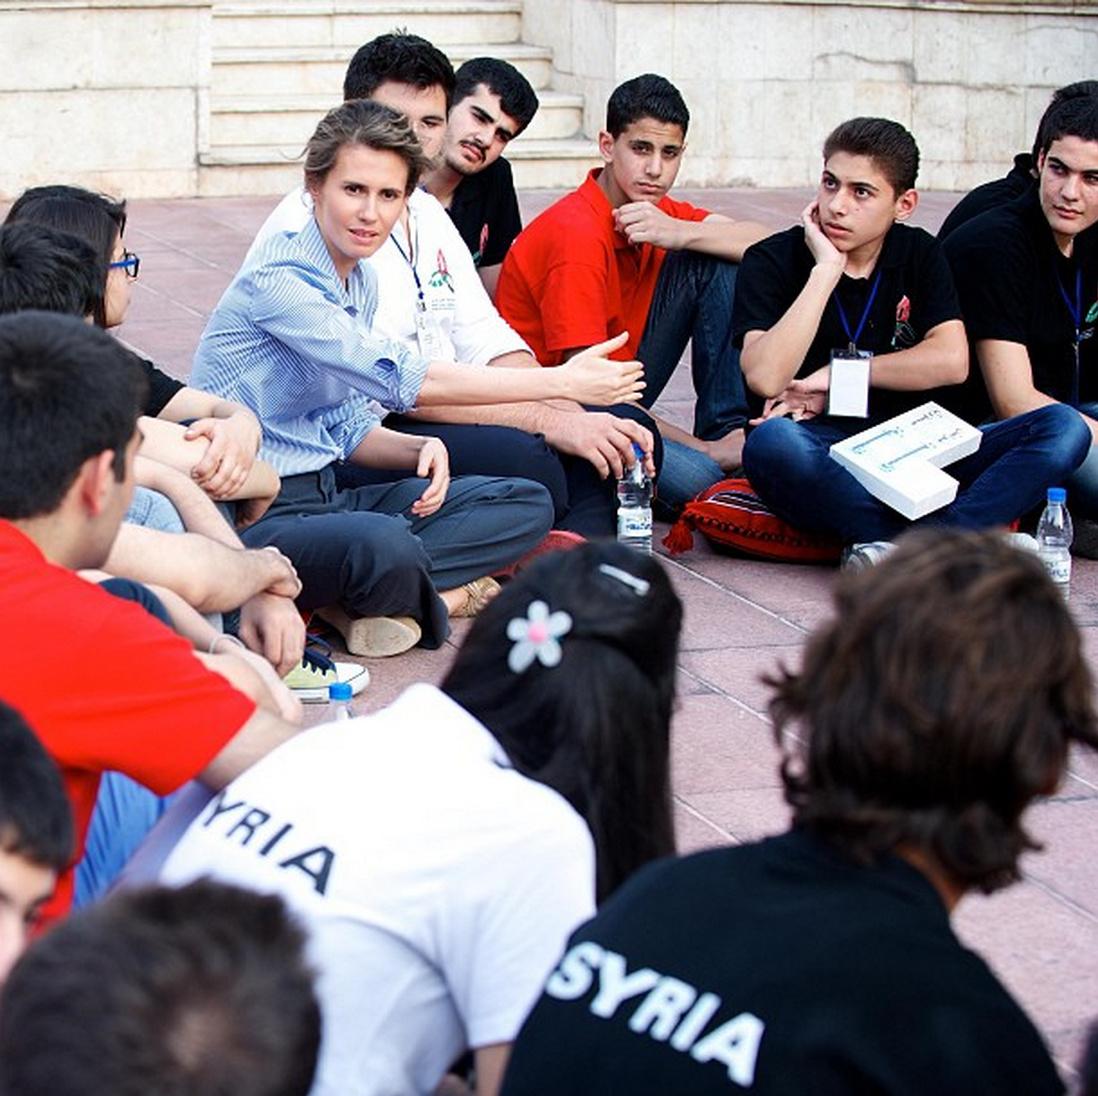 دیدار بشار اسد و همسرش با مردم سوریه